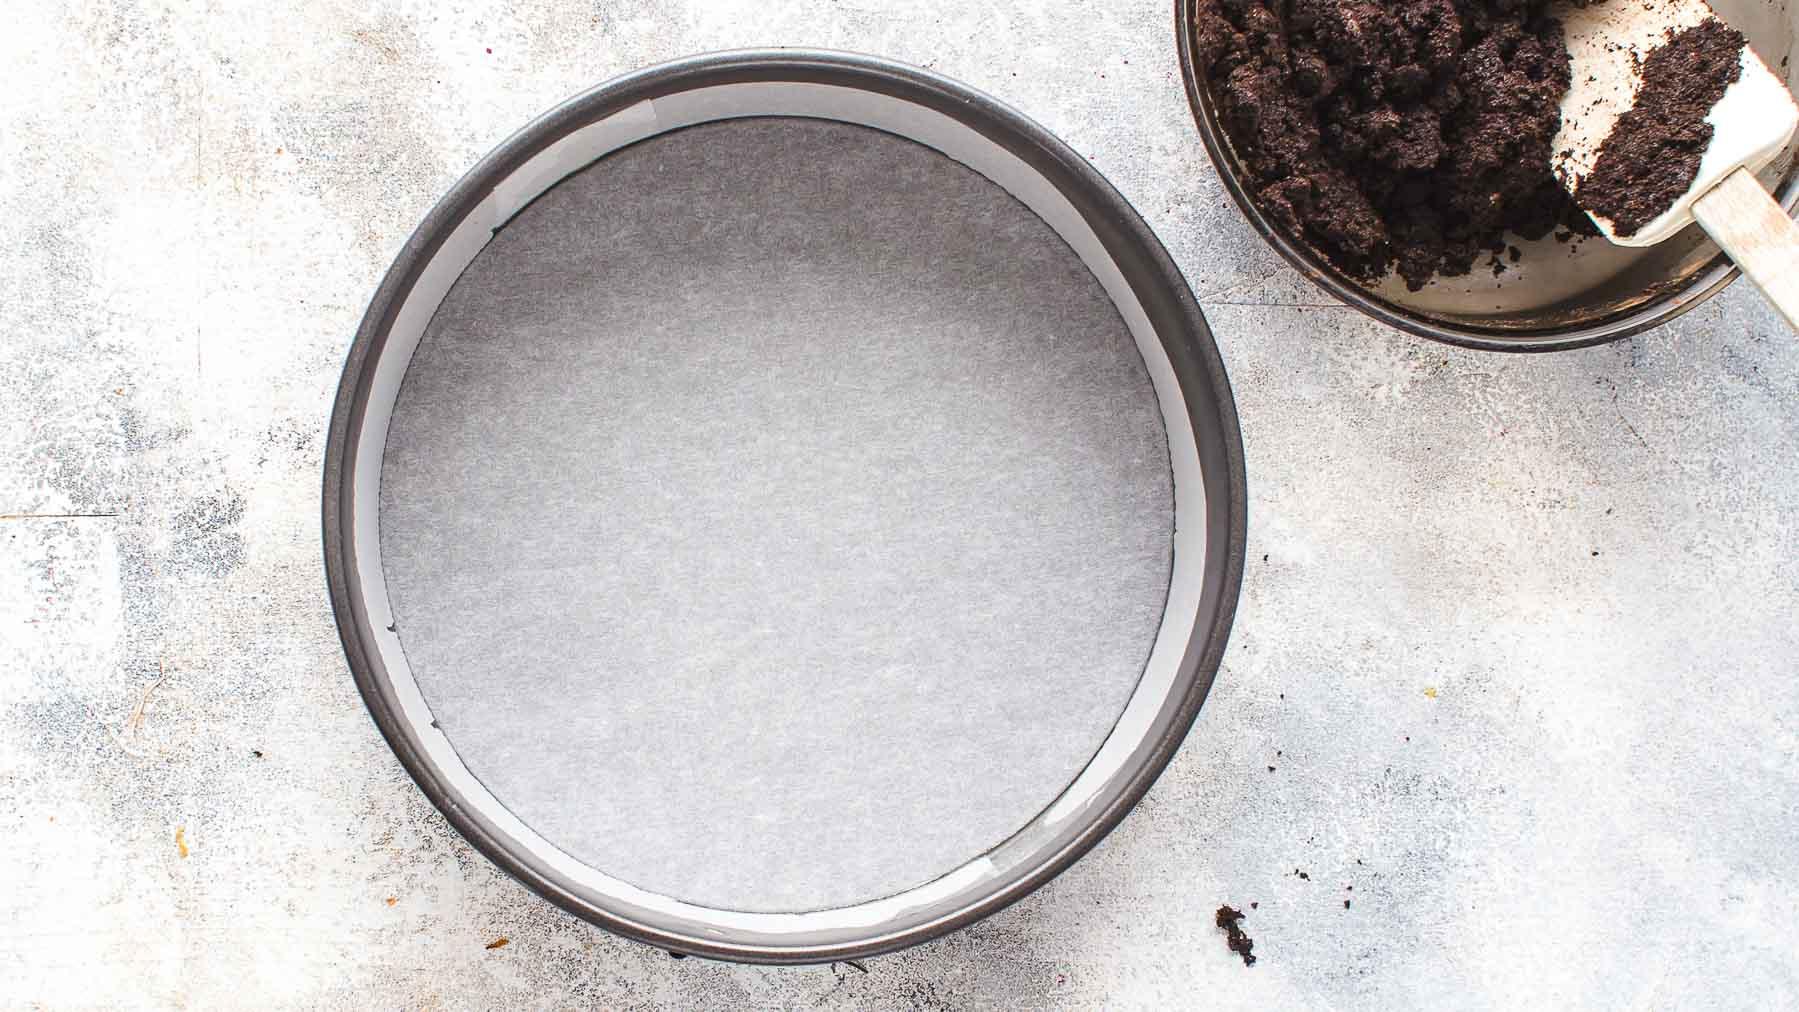 Parchment paper lined springform pan